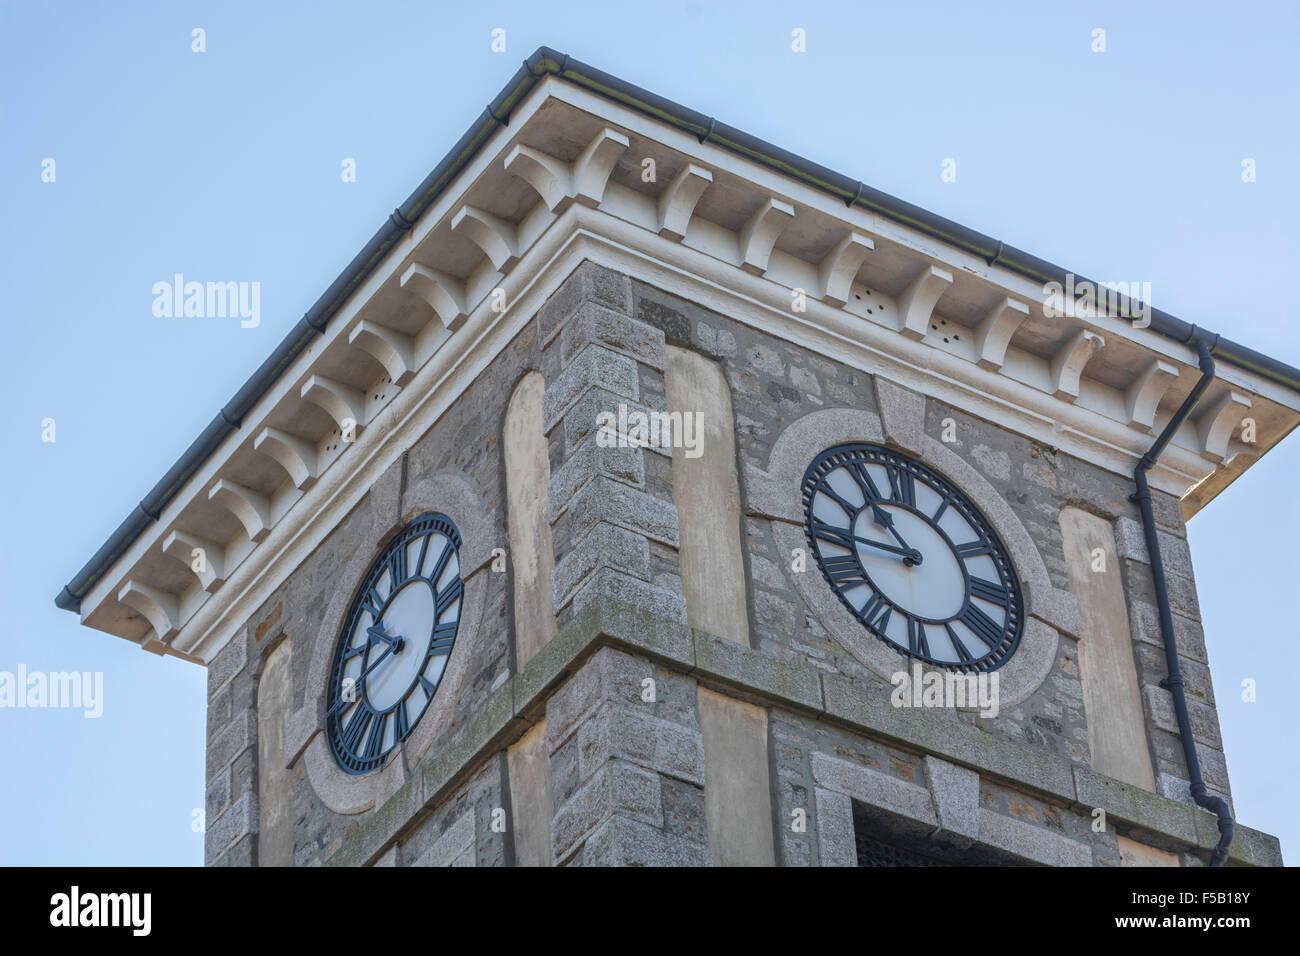 Clock Tower in Cambourne, Cornwall. visuelle Metapher für Konzept der Server/Computer/PC-Ausfallzeiten. Stockbild